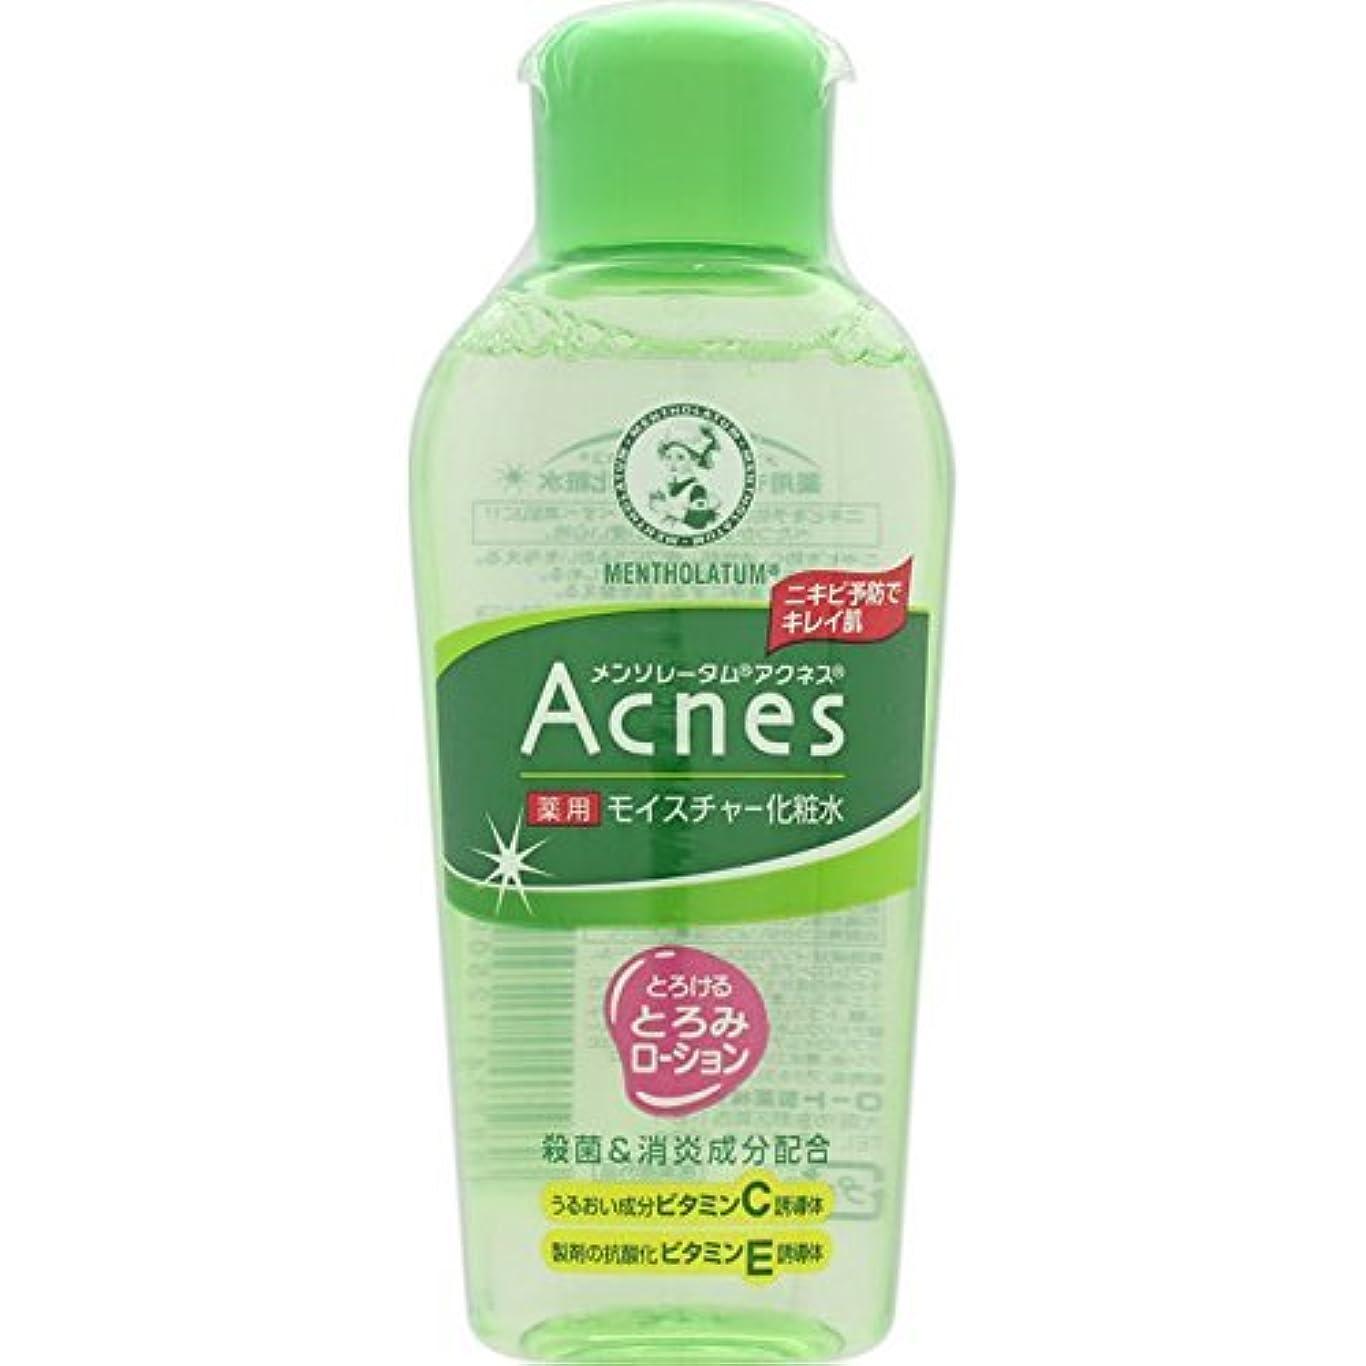 吹雪効能ある文明化Acnes(アクネス) 薬用モイスチャー化粧水 120mL【医薬部外品】